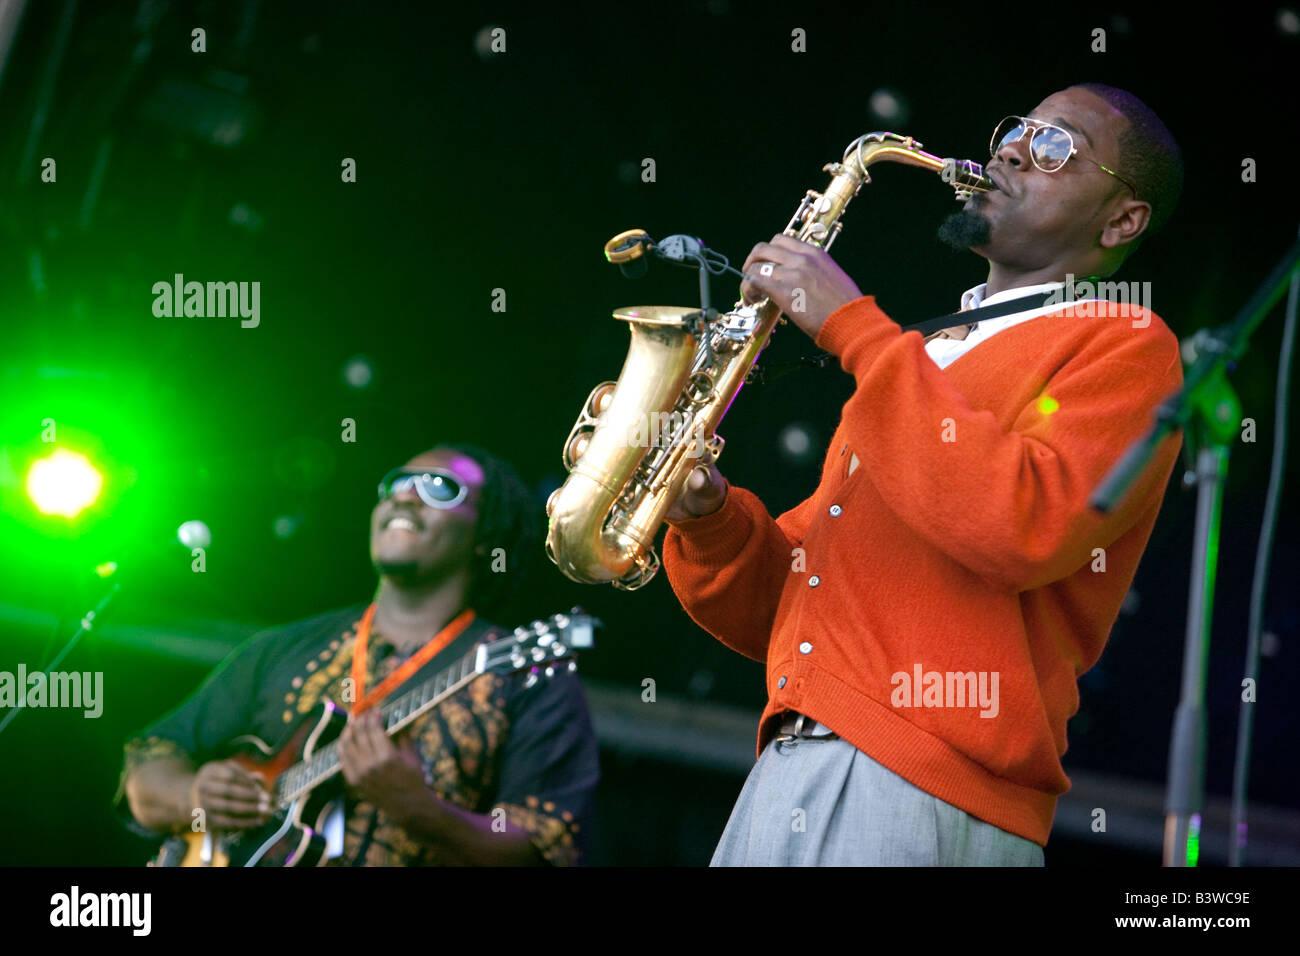 Jazz saxophonist Soweto Kinch Birmingham England UK - Stock Image